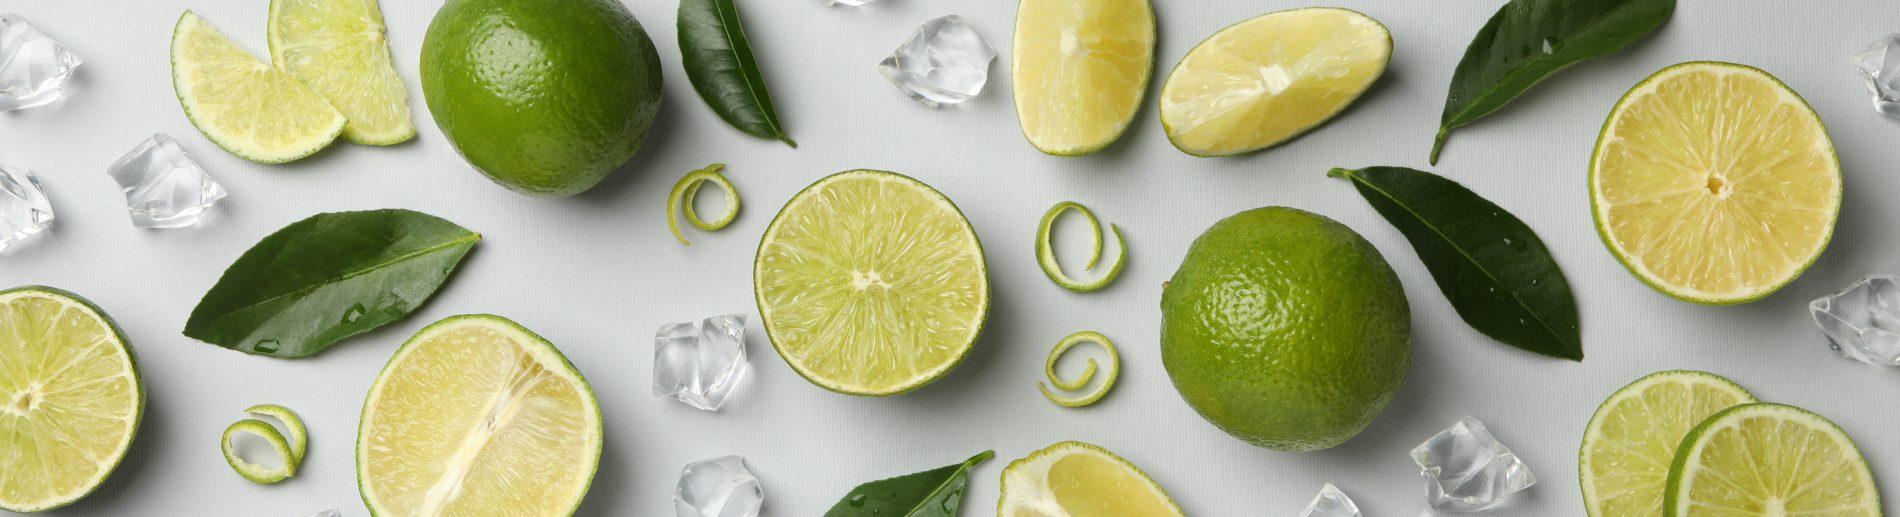 che differenza c'è tra il limone e il lime ?